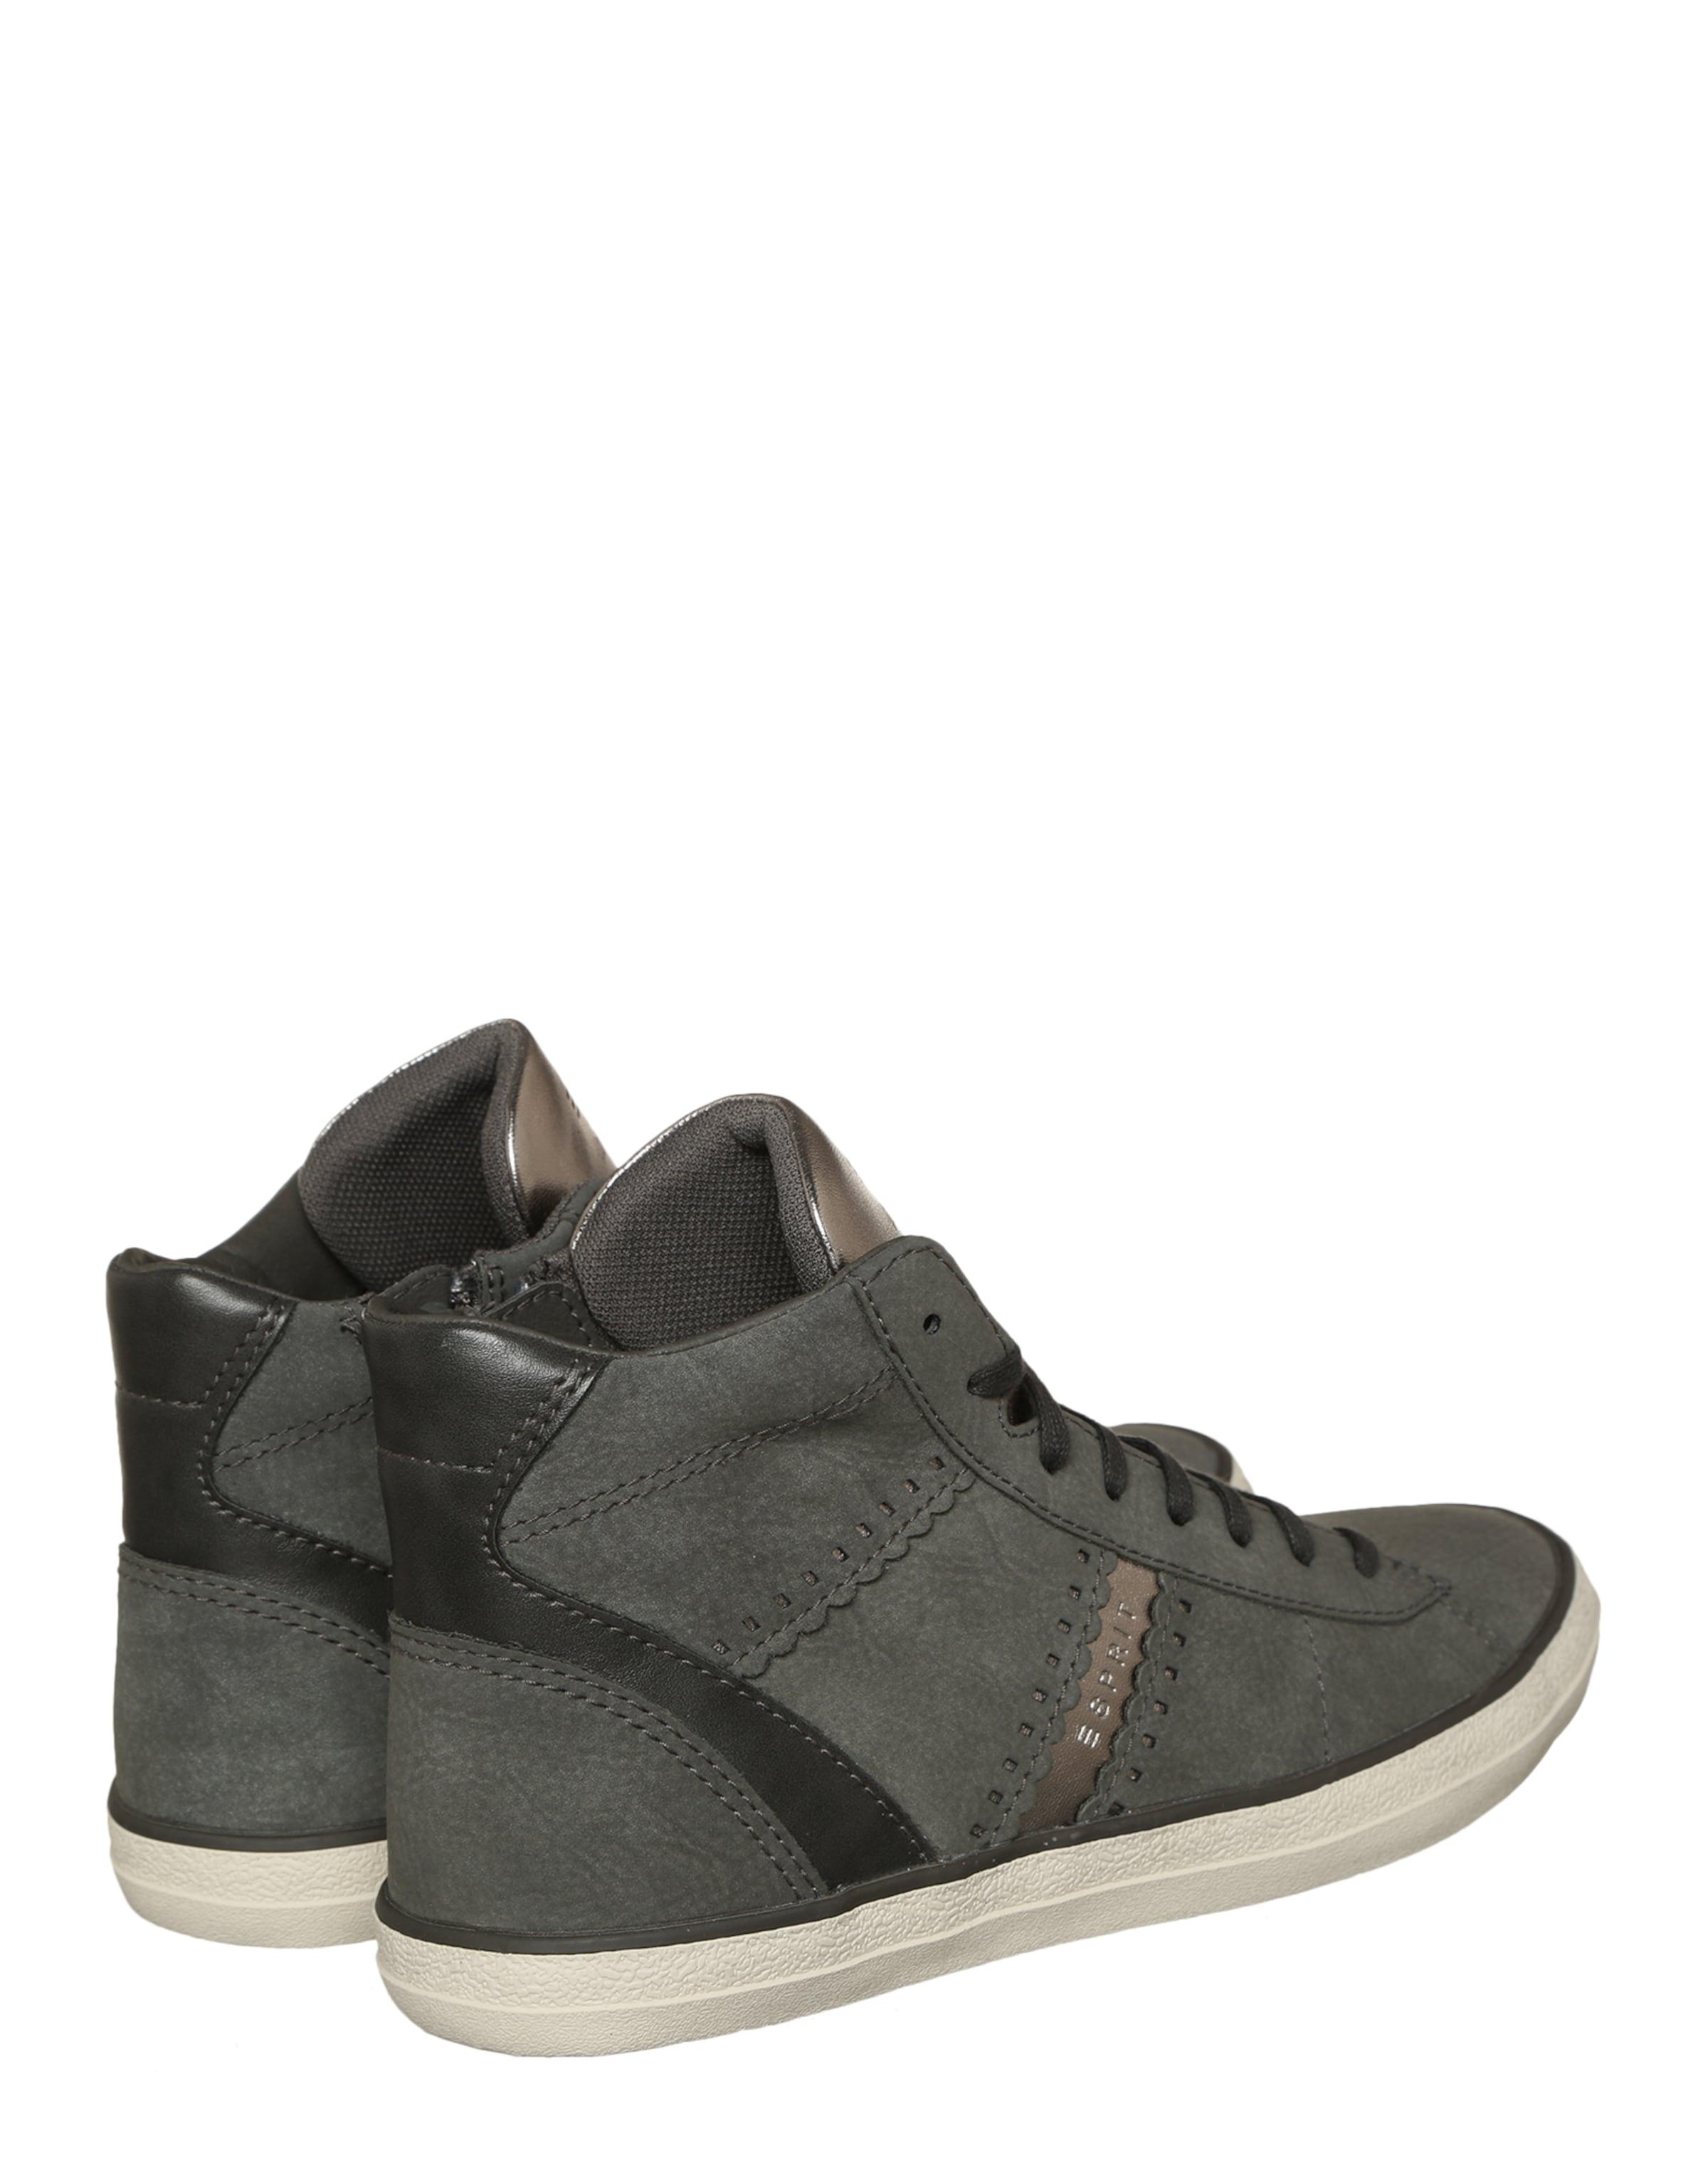 ESPRIT Sneaker High 'Miana' Aus Deutschland FMSQlW